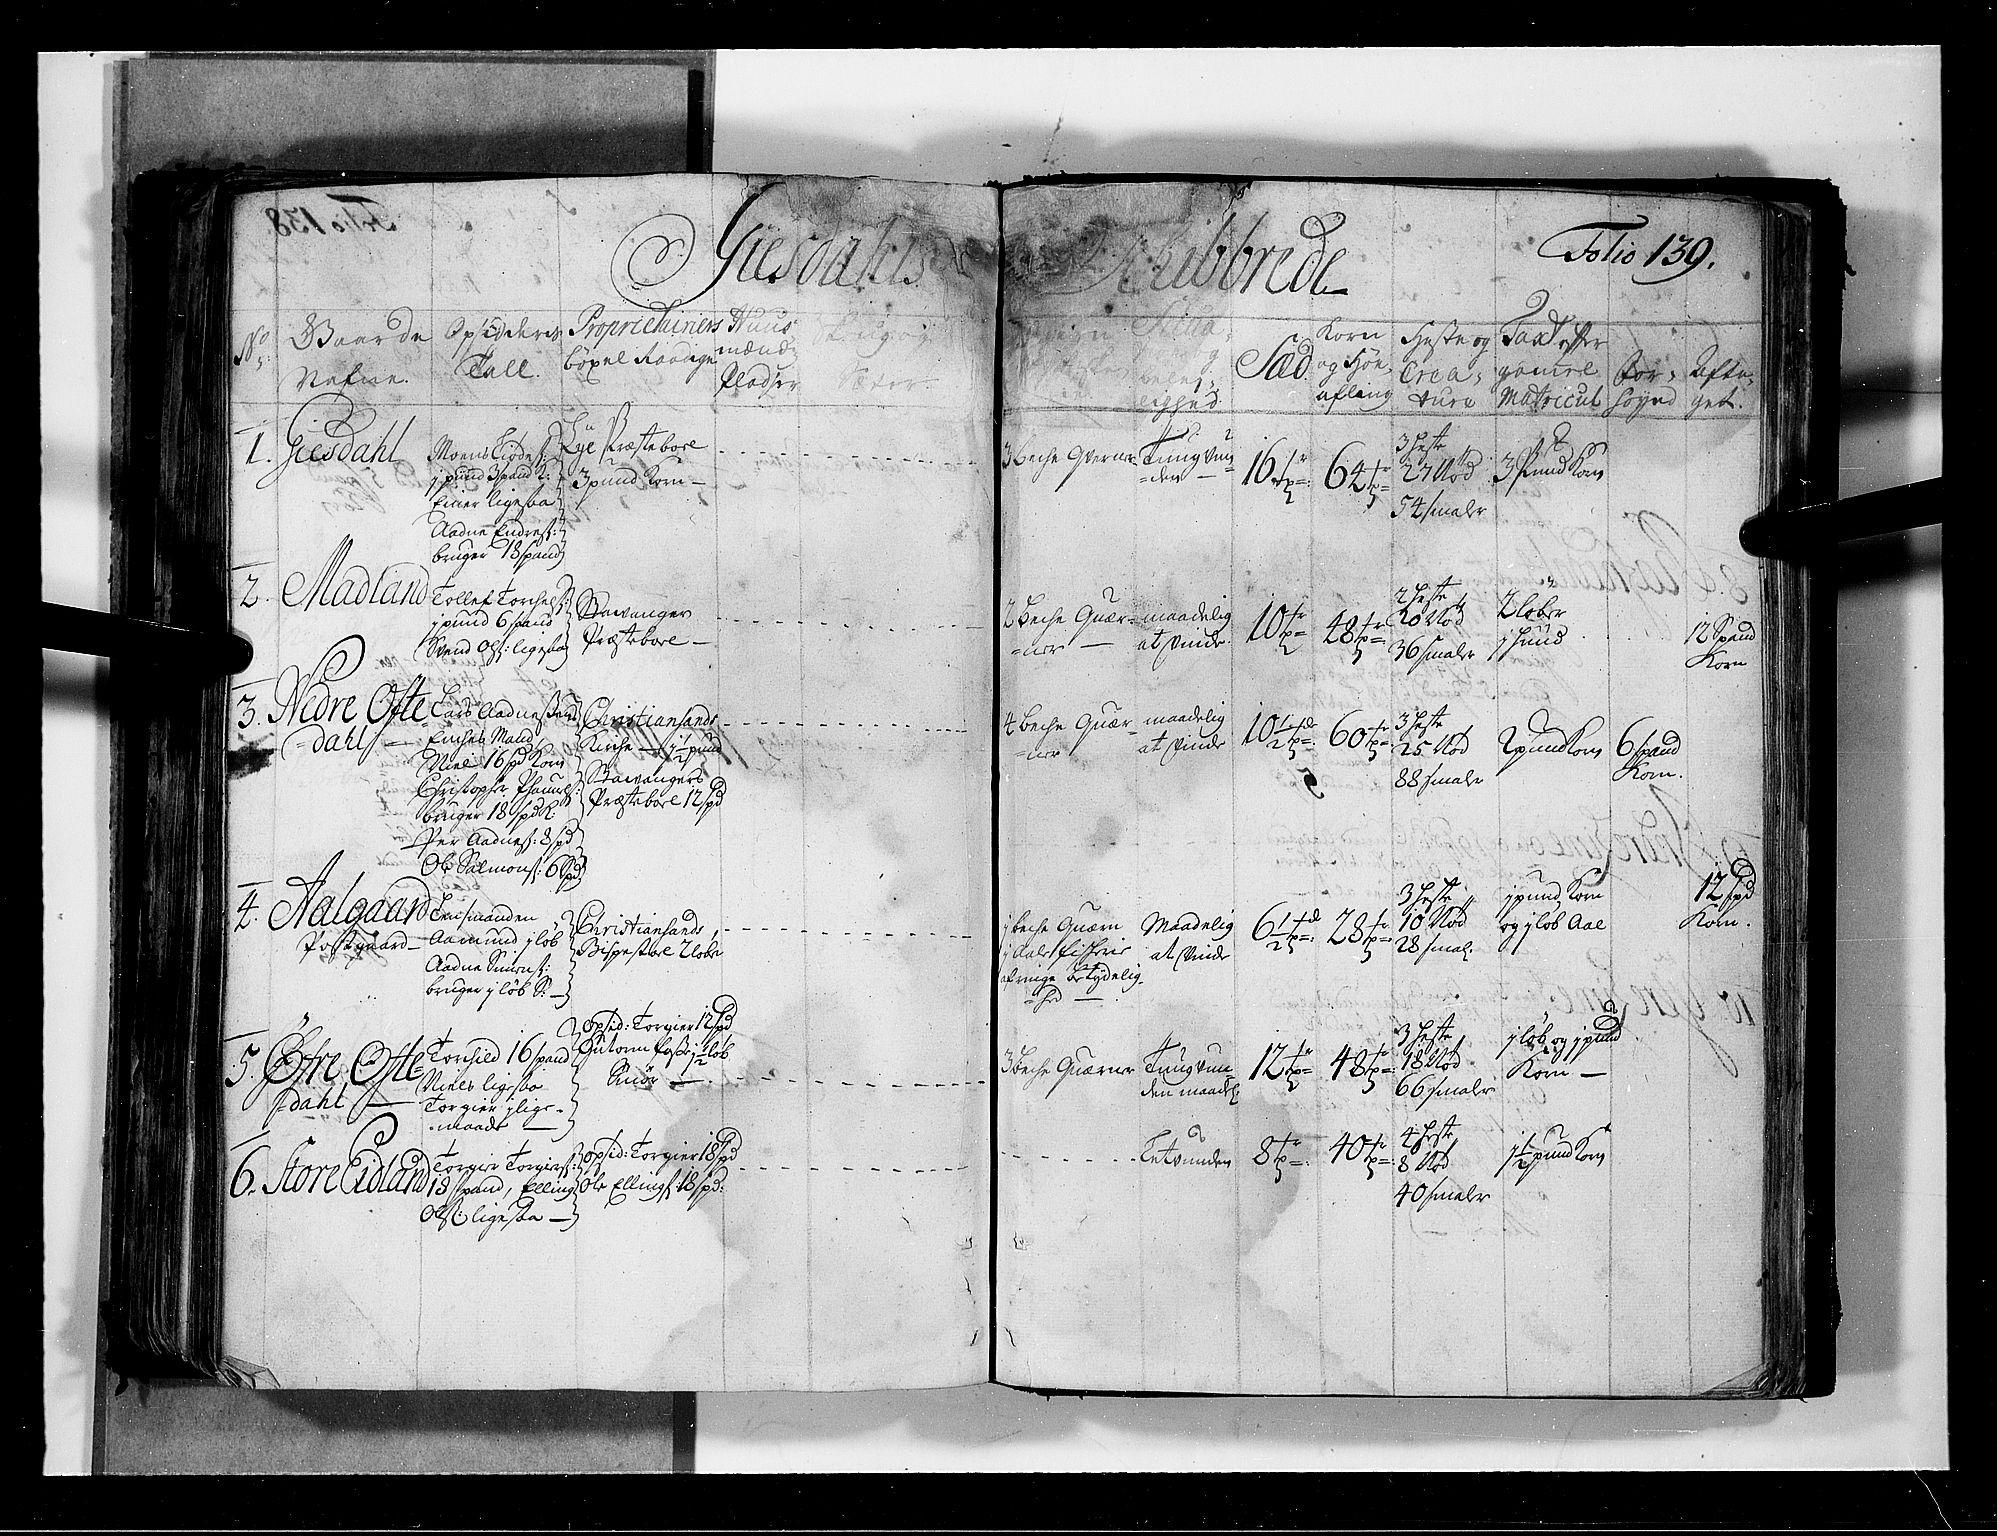 RA, Rentekammeret inntil 1814, Realistisk ordnet avdeling, N/Nb/Nbf/L0131: Jæren og Dalane eksaminasjonsprotokoll, 1723, s. 138b-139a